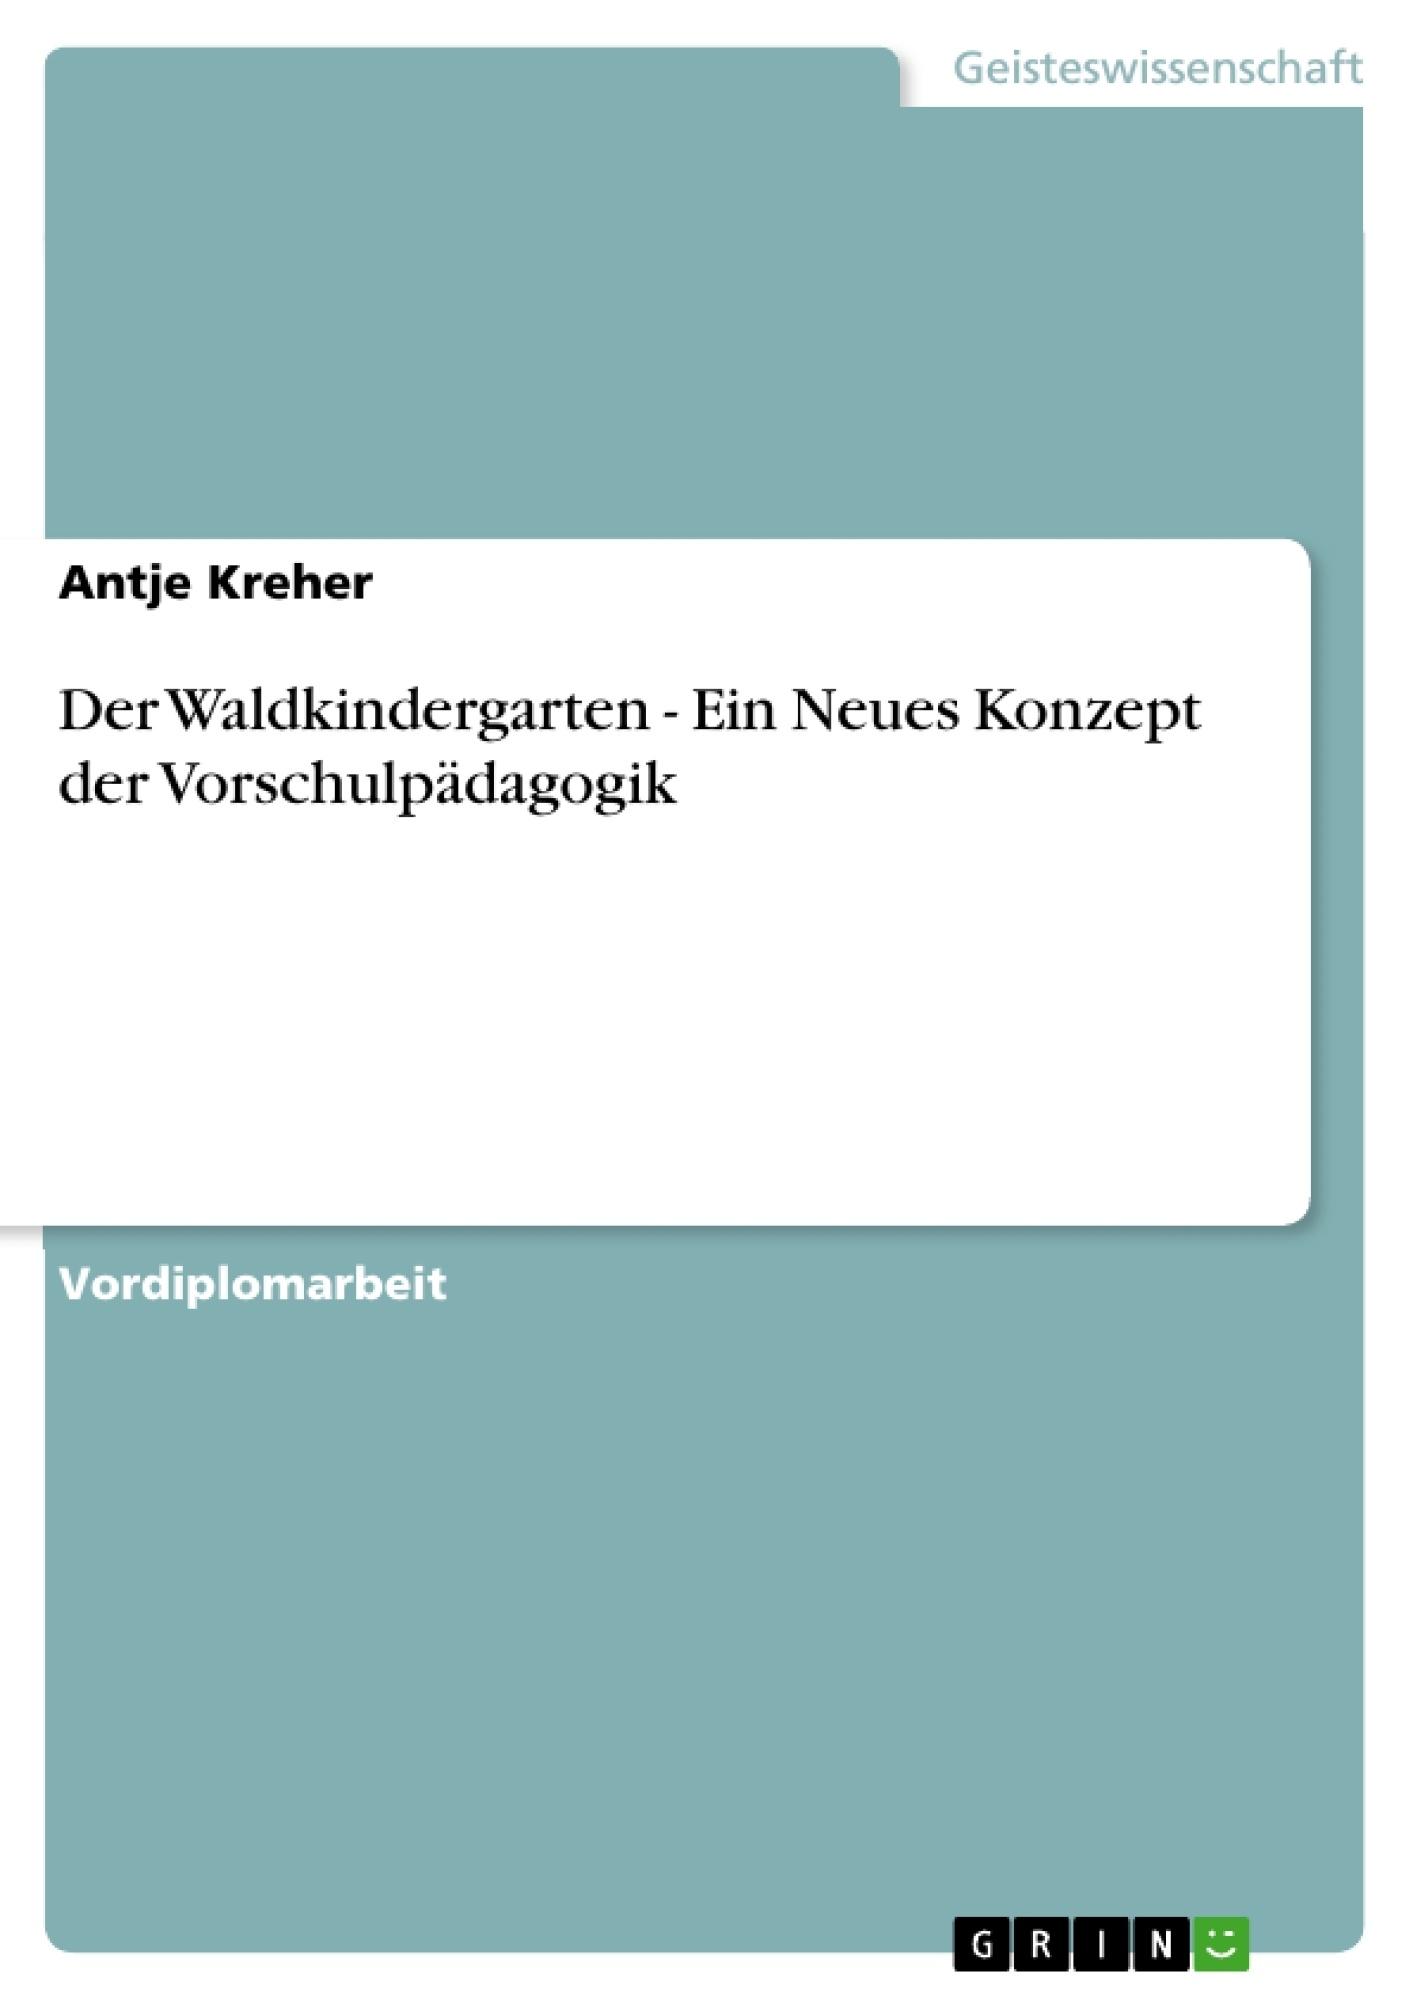 Titel: Der Waldkindergarten - Ein Neues Konzept der Vorschulpädagogik